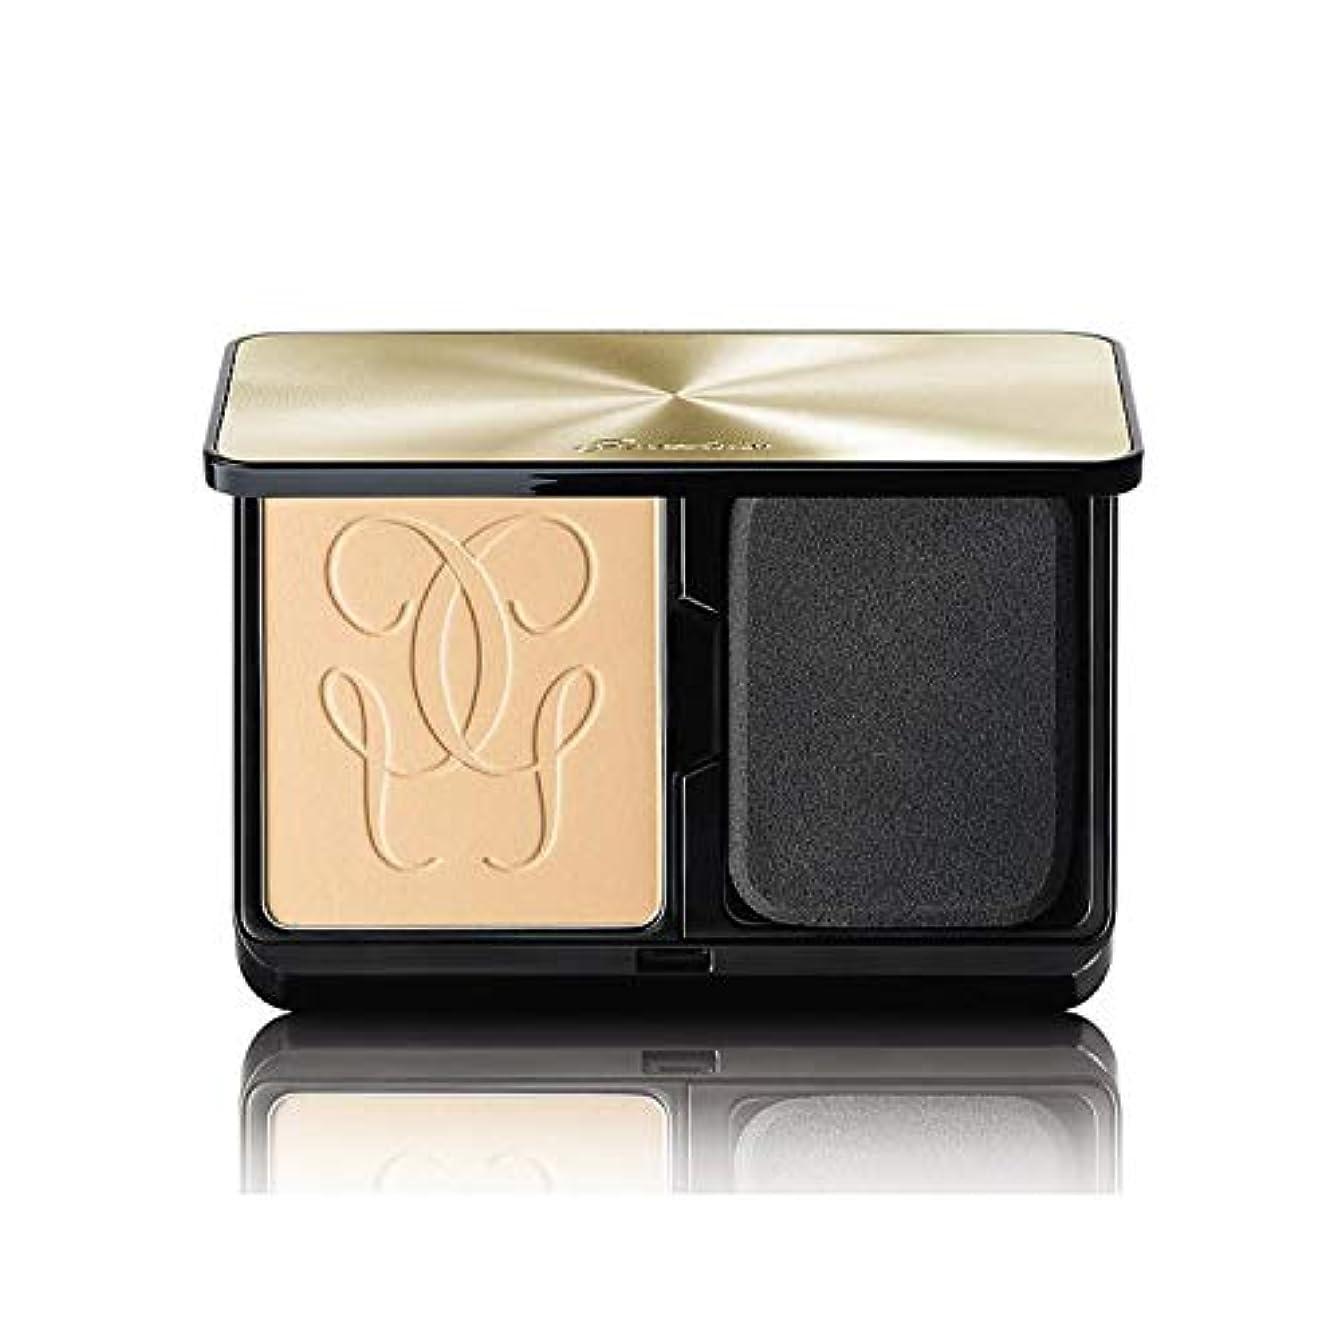 ゲラン Lingerie De Peau Mat Alive Buildable Compact Powder Foundation SPF 15 - # 01N Very Light 8.5g/0.29oz並行輸入品